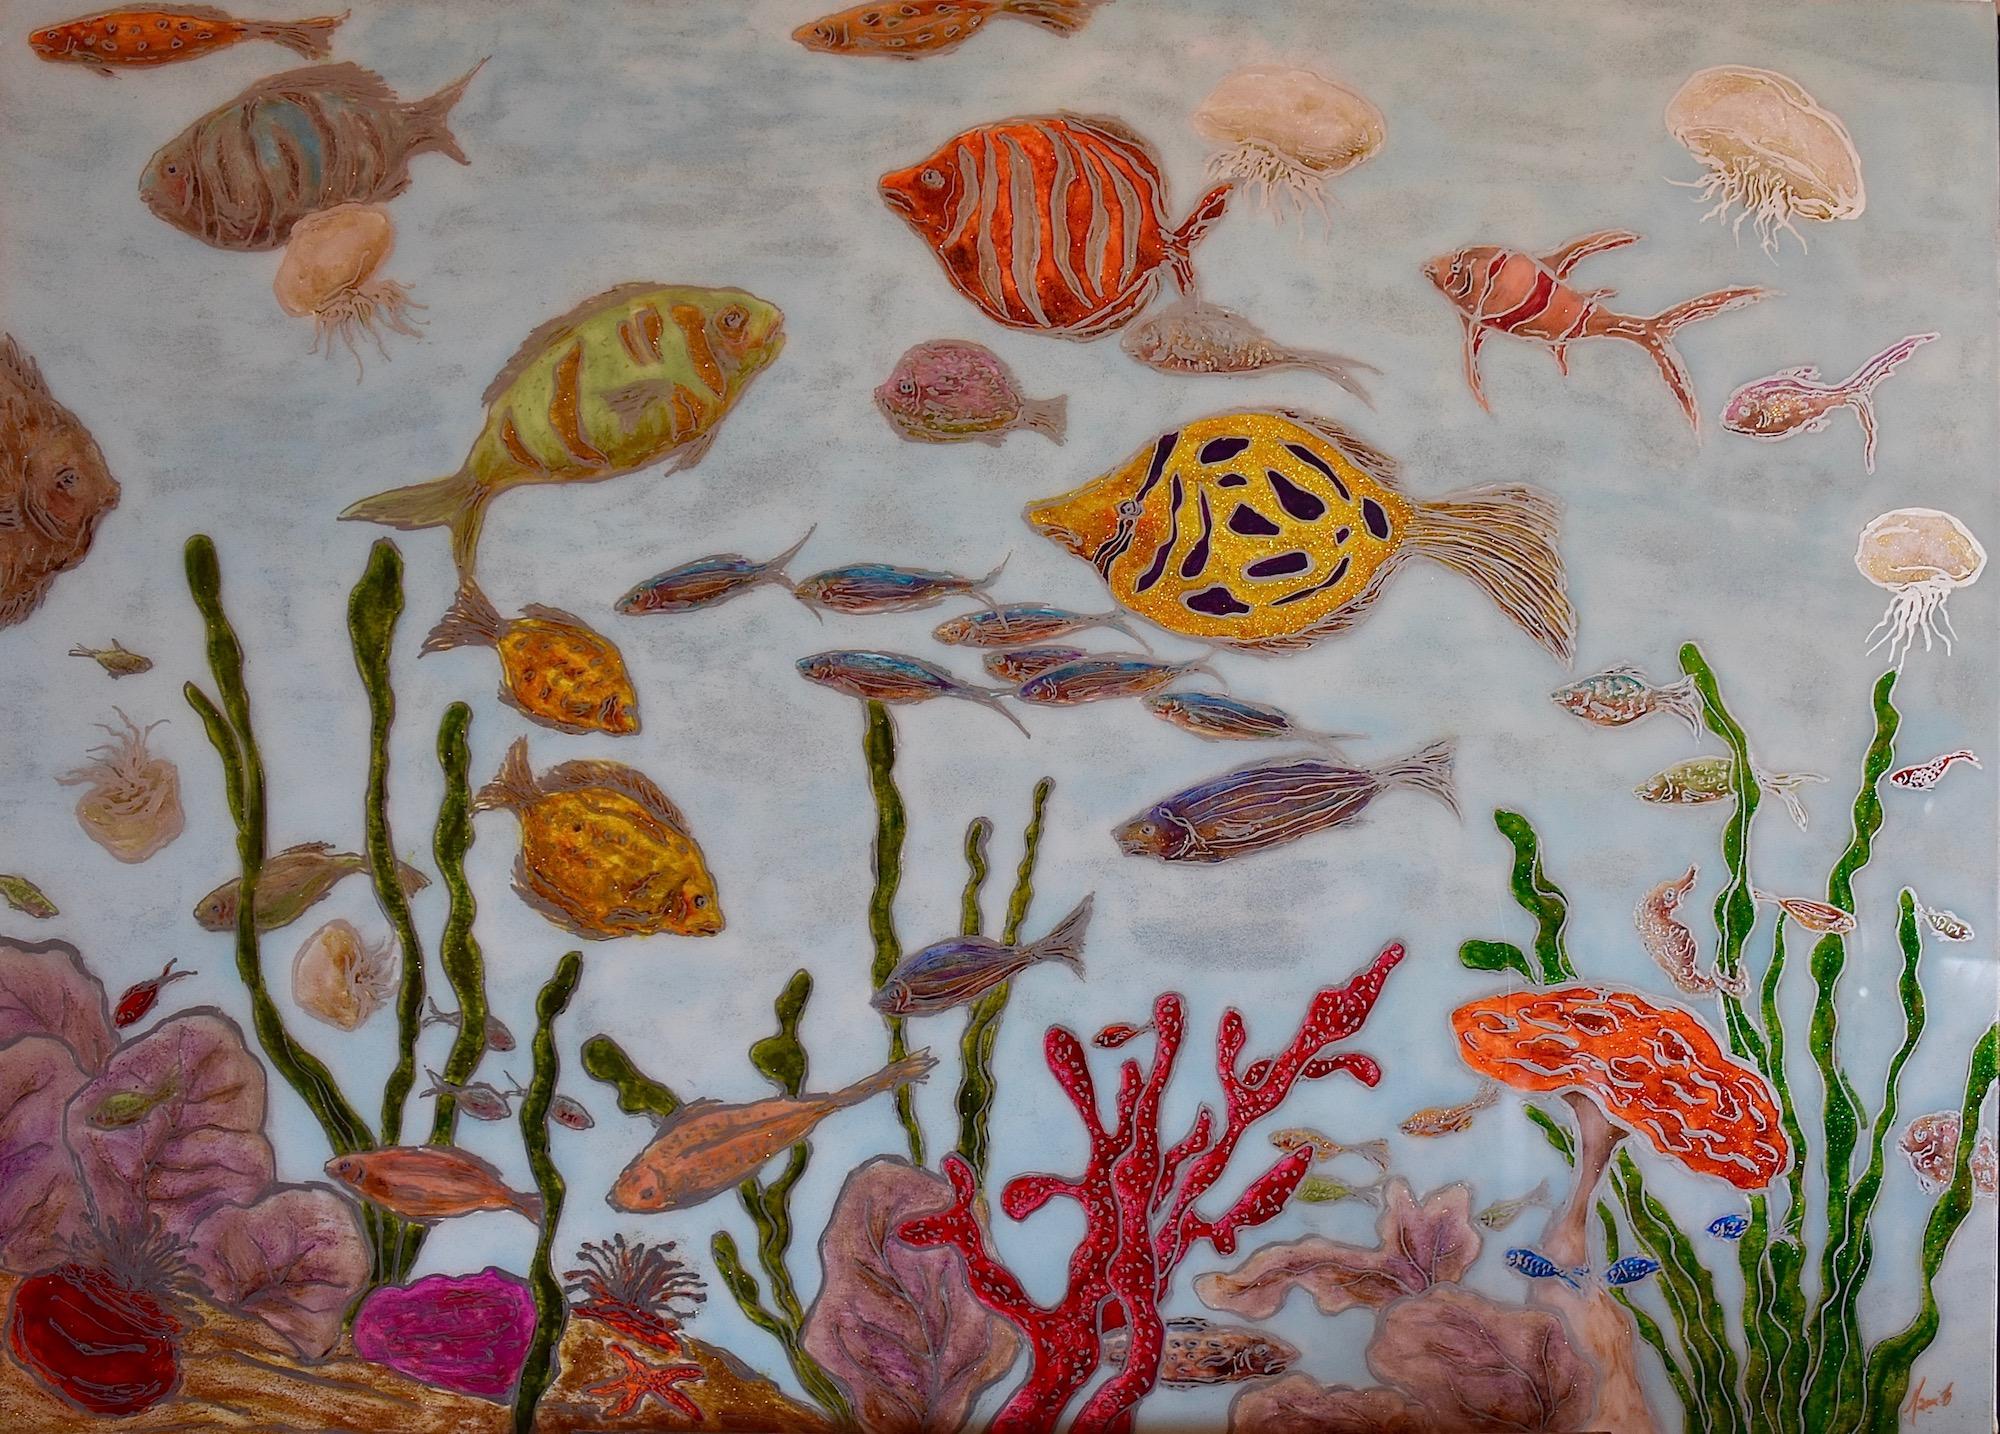 MAMI    /  Images et Poésie, Aquarium Society  / 40 P (100 X 73 cm)